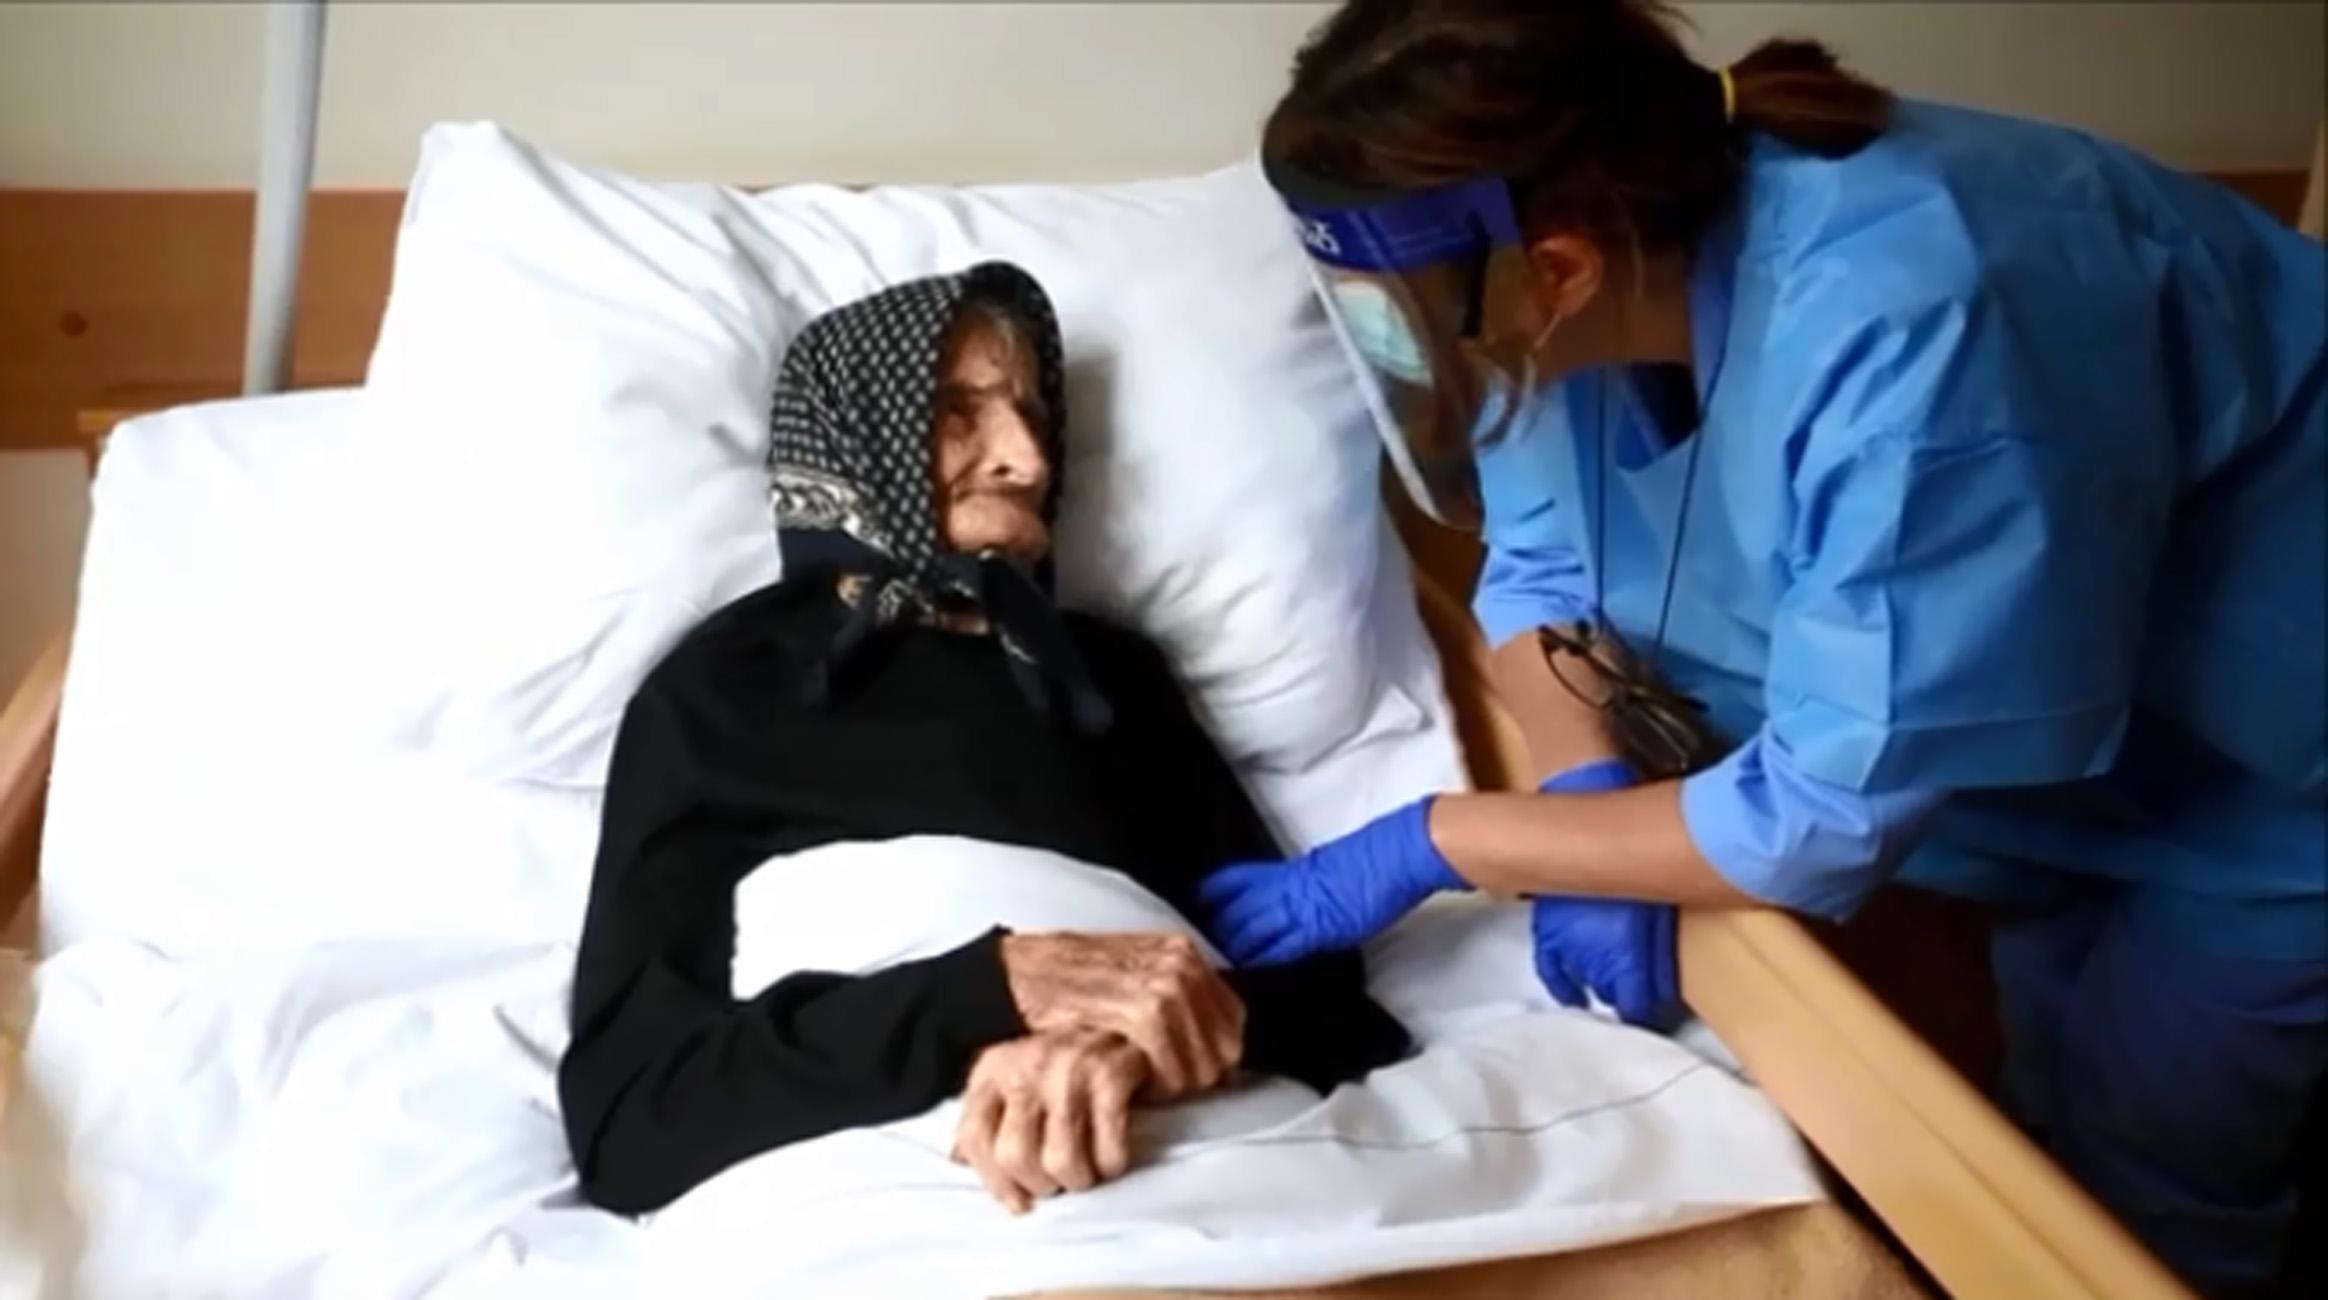 Ετών 99 και έβαλε κάτω και τον κορονοϊό μετά από νοσηλεία τριών εβδομάδων (video)